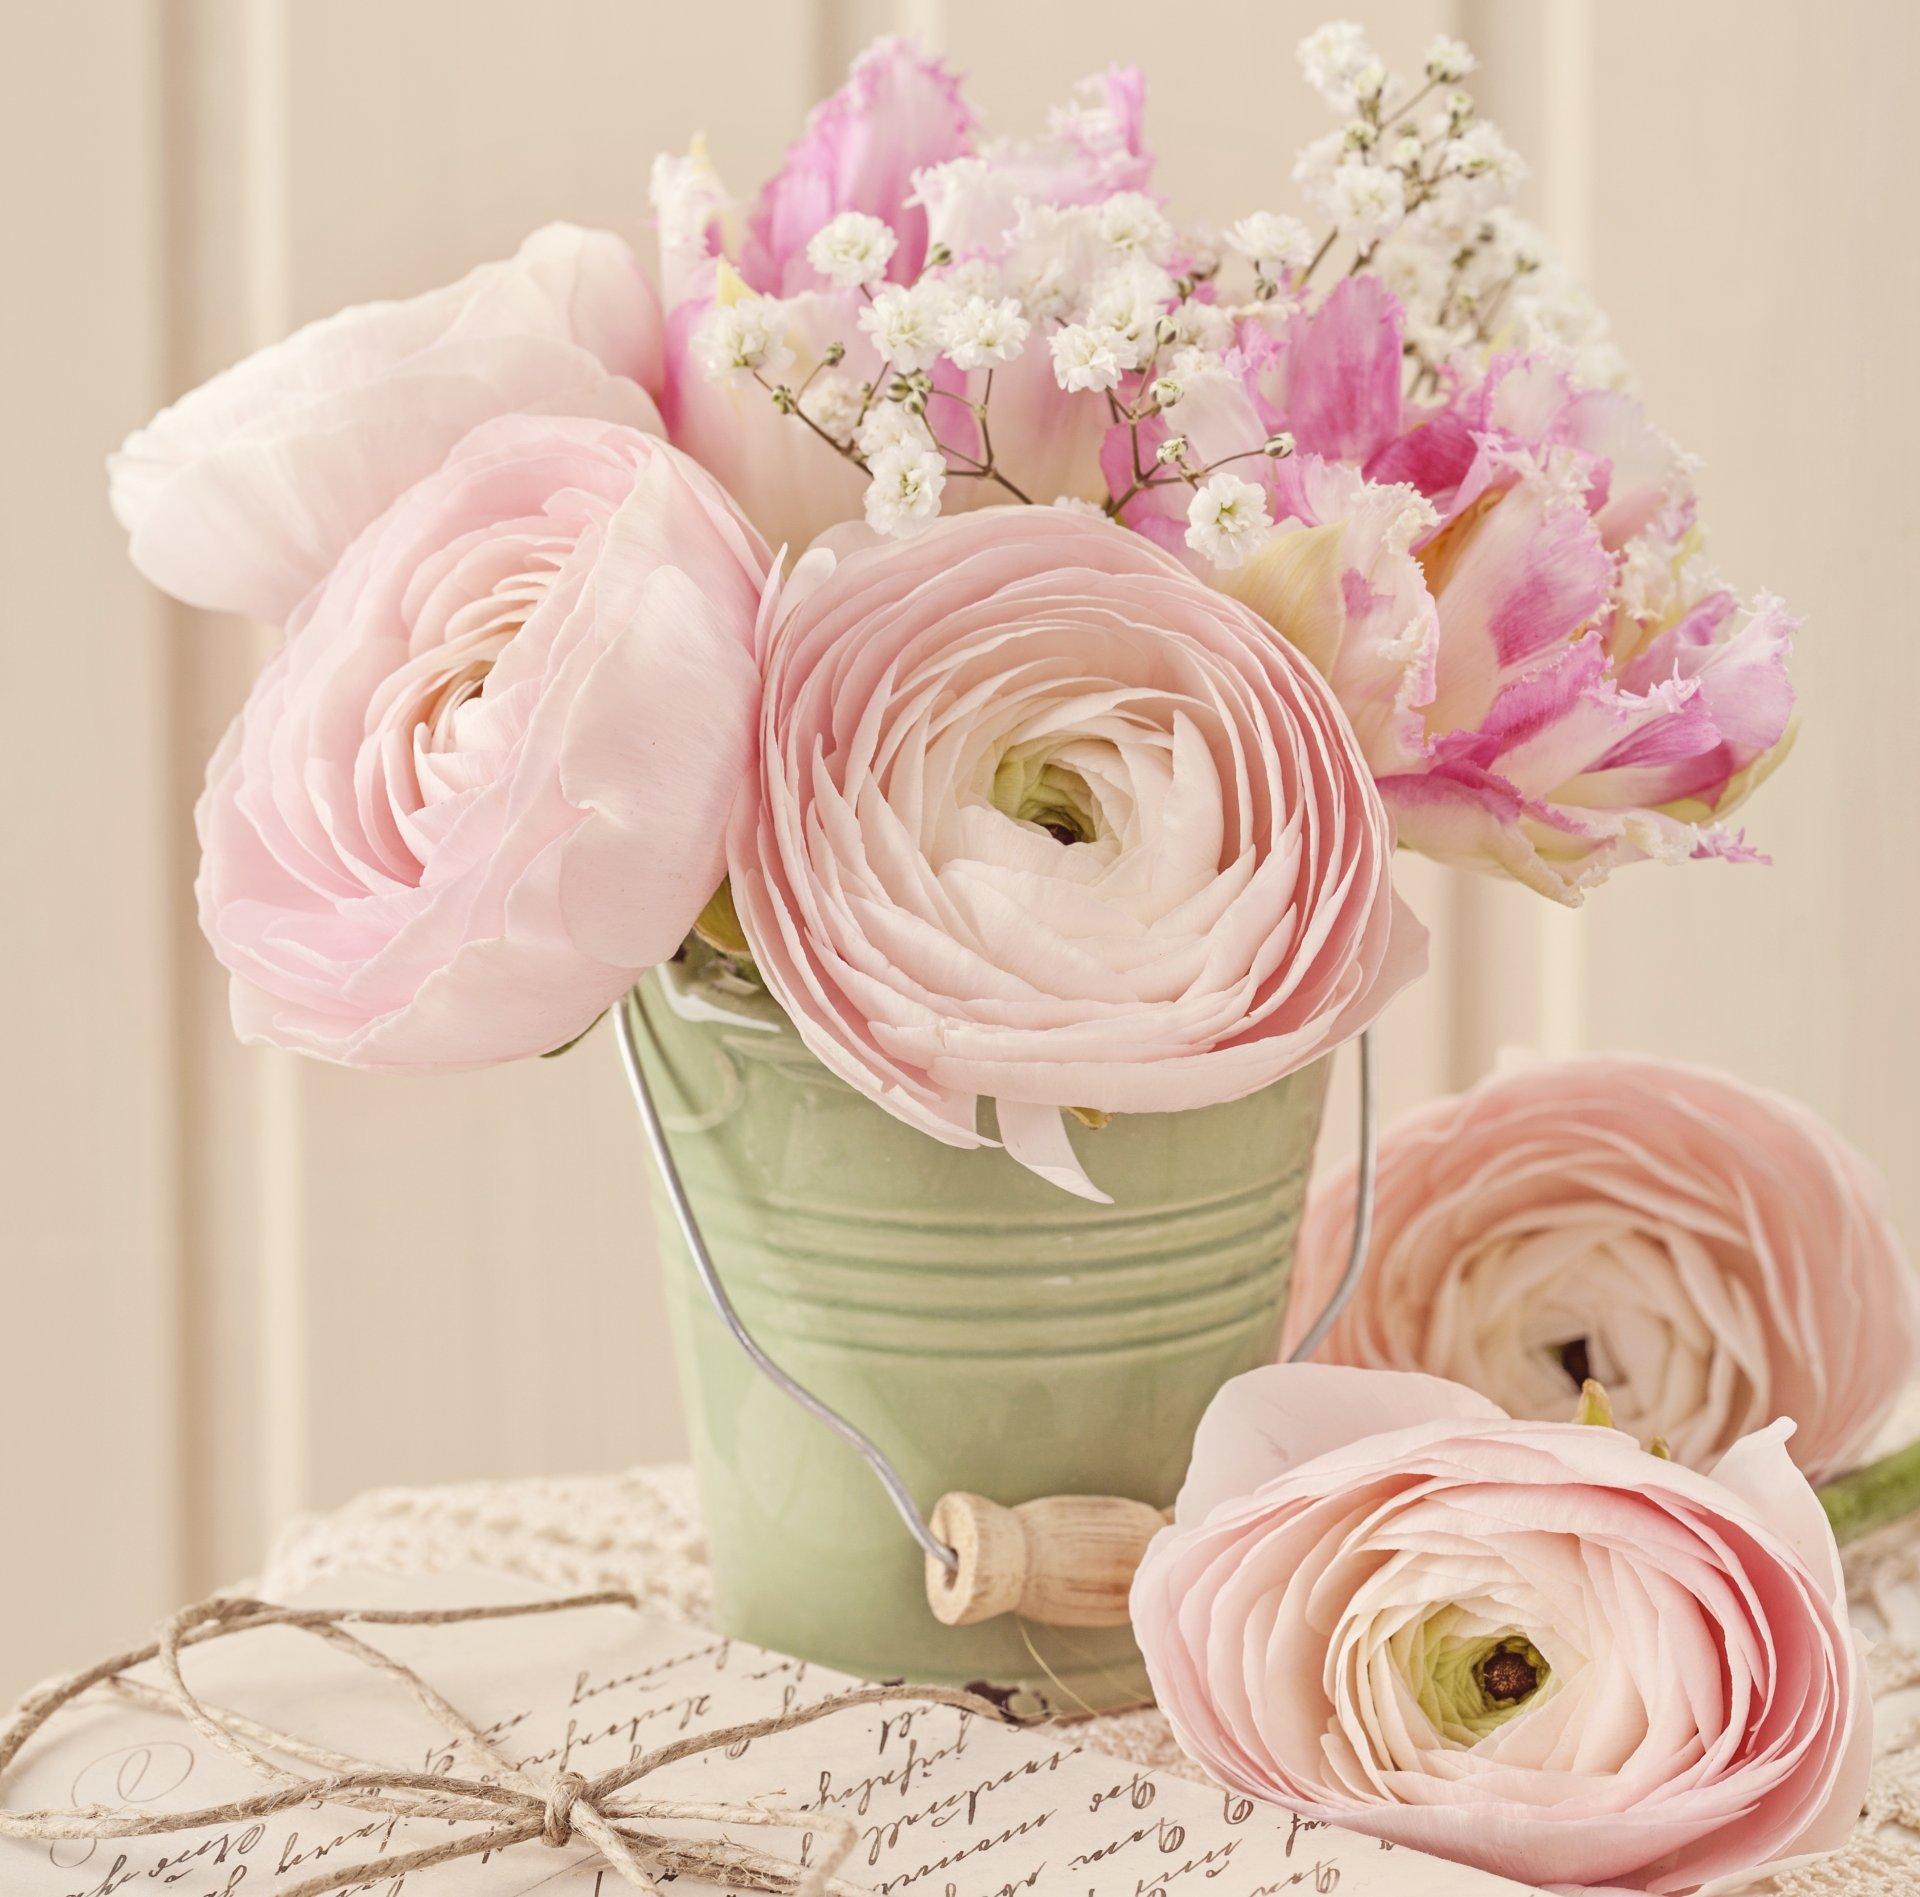 стильные картинки с цветами на день рождения себе удовольствие